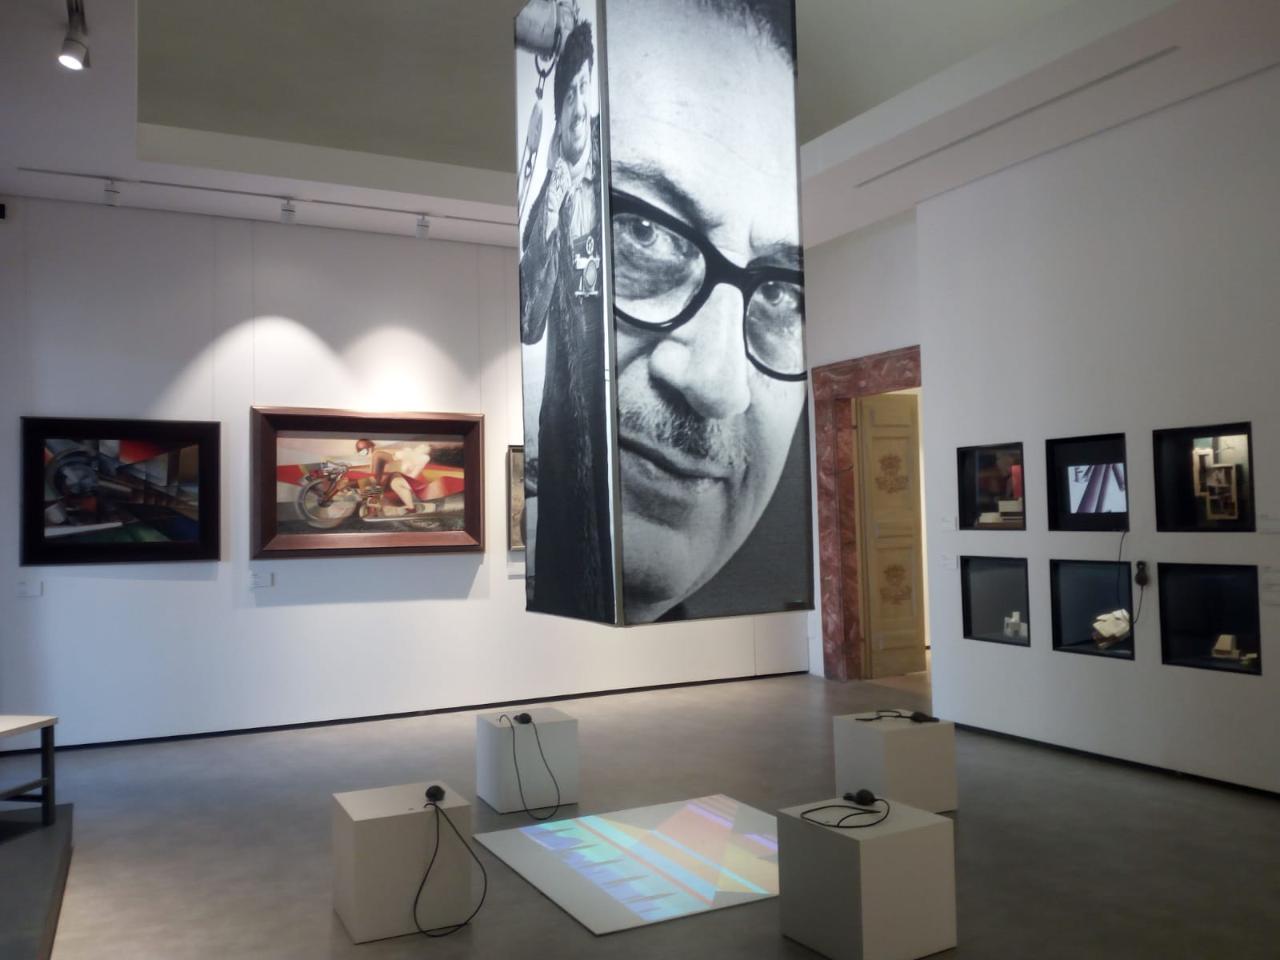 MACERATAMUSEI Visita guidata alla Galleria di Arte Moderna di Palazzo Buonaccorsi #SPECIALE GRUPPI